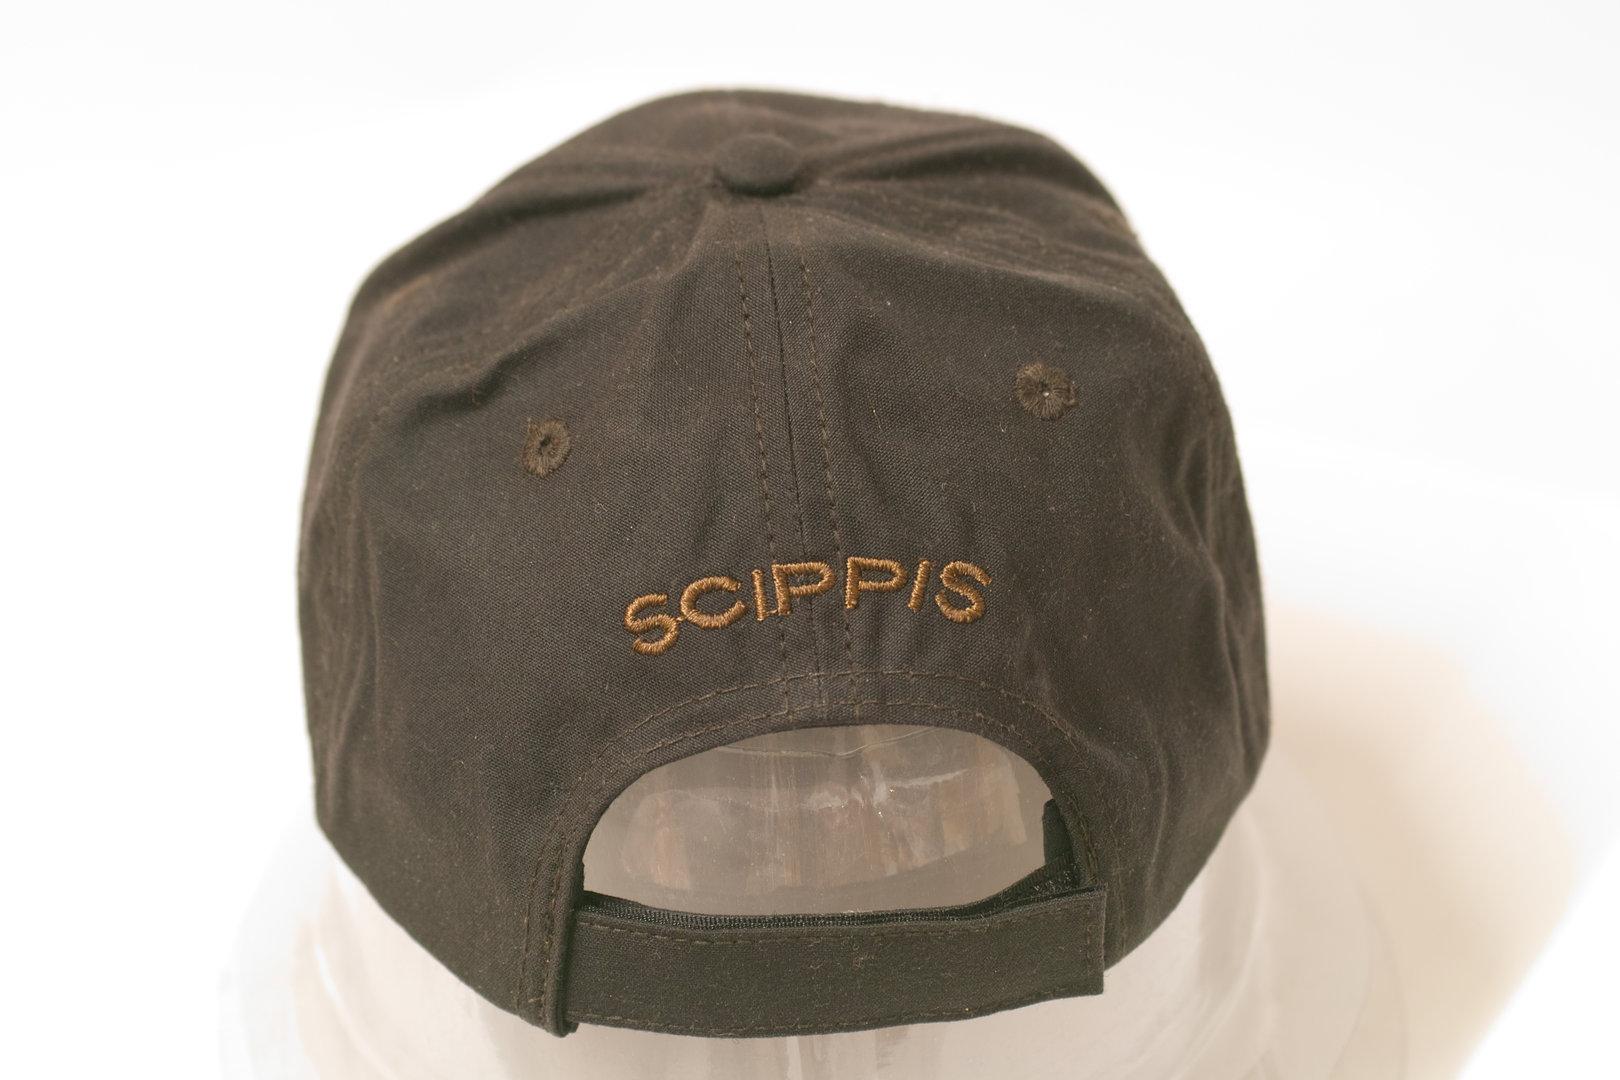 Scippis Oilskin Cap brown 1H10 with Aussie Motiv 7322c0e65bb